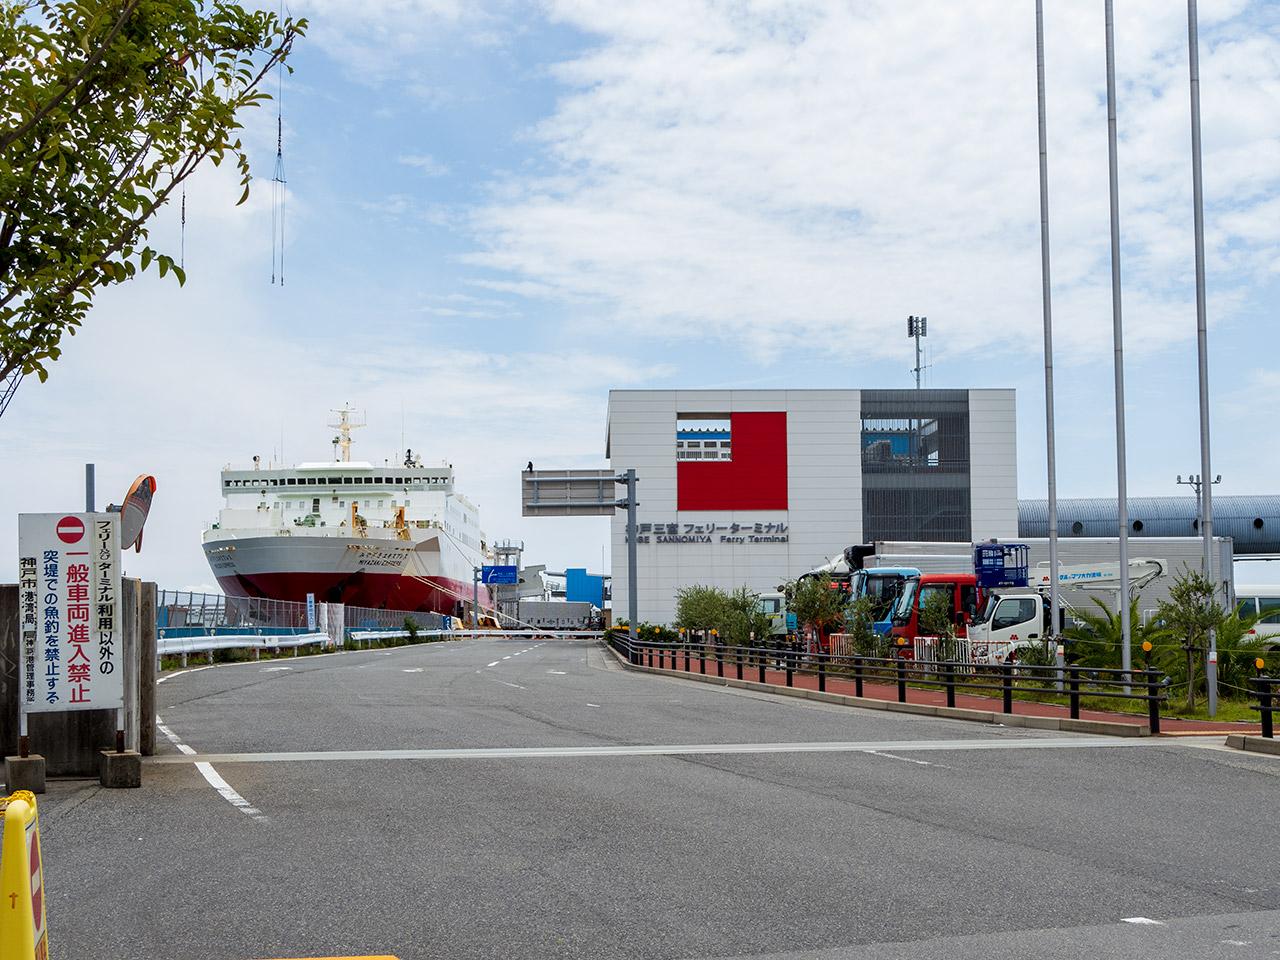 神戸三宮フェリーターミナル 2021